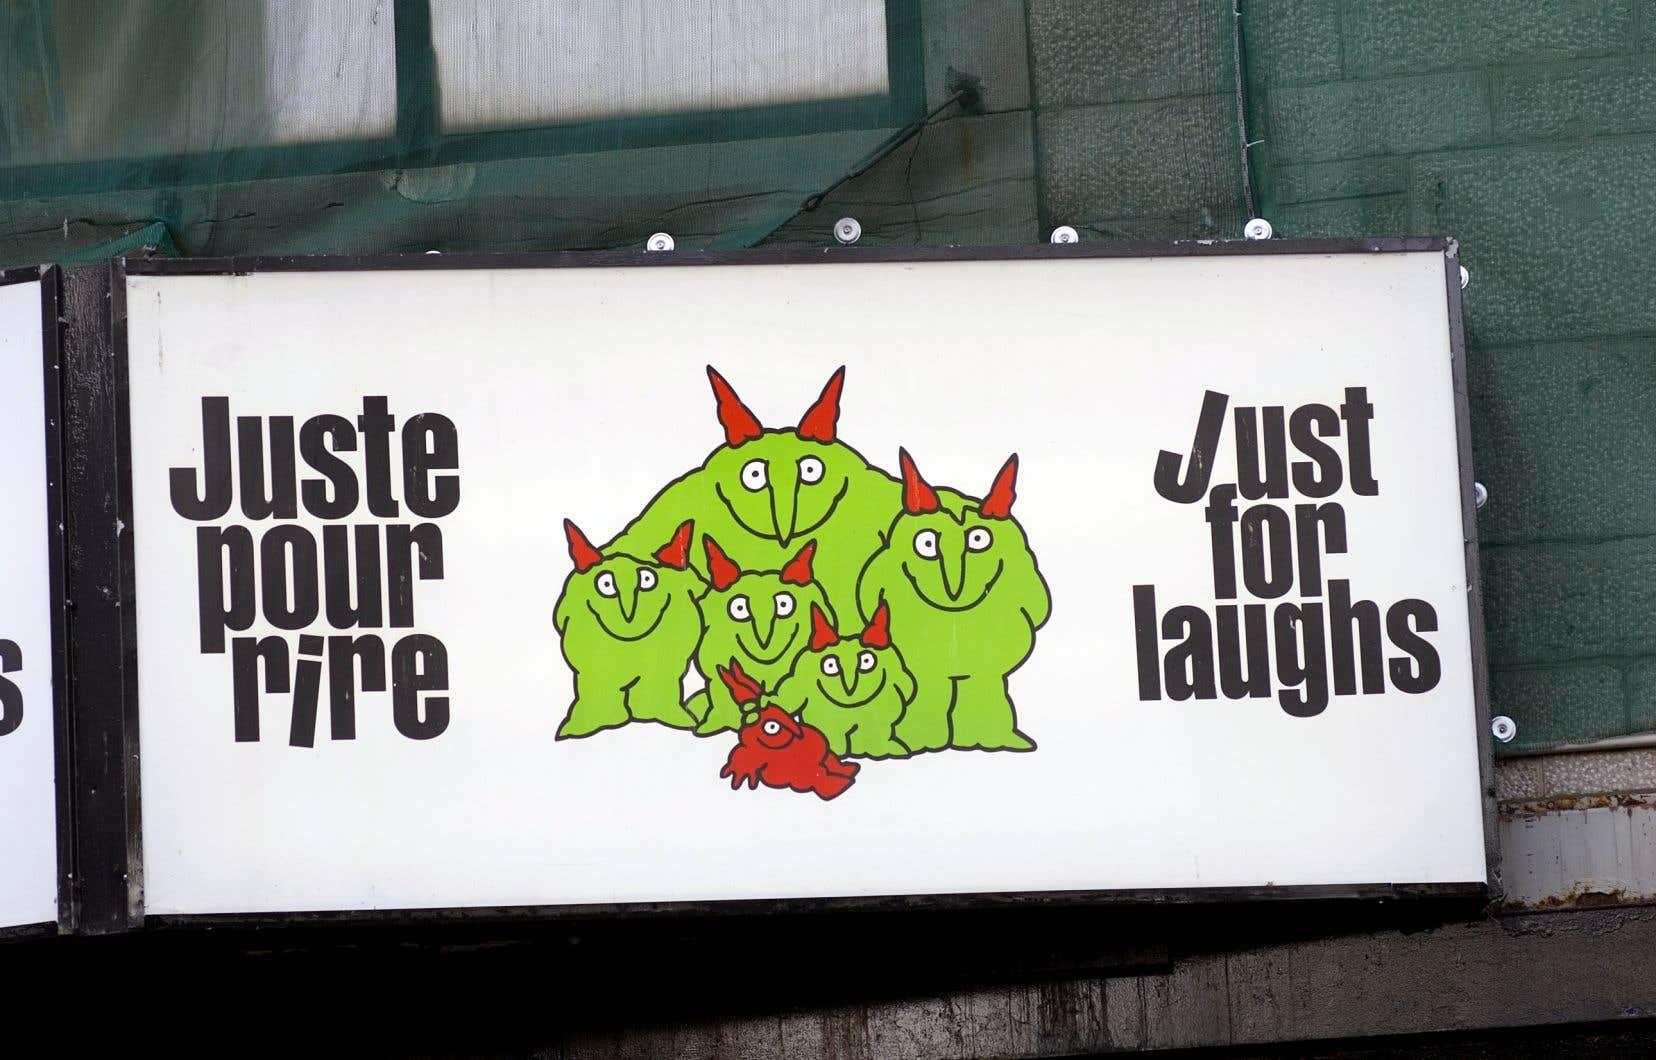 Fondateur du Groupe Juste pour rire, Gilbert Rozon a décidé de se retirer de l'entreprise en cédant toutes ses parts à la suite des dénonciations multiples dont il a été l'objet cette semaine.